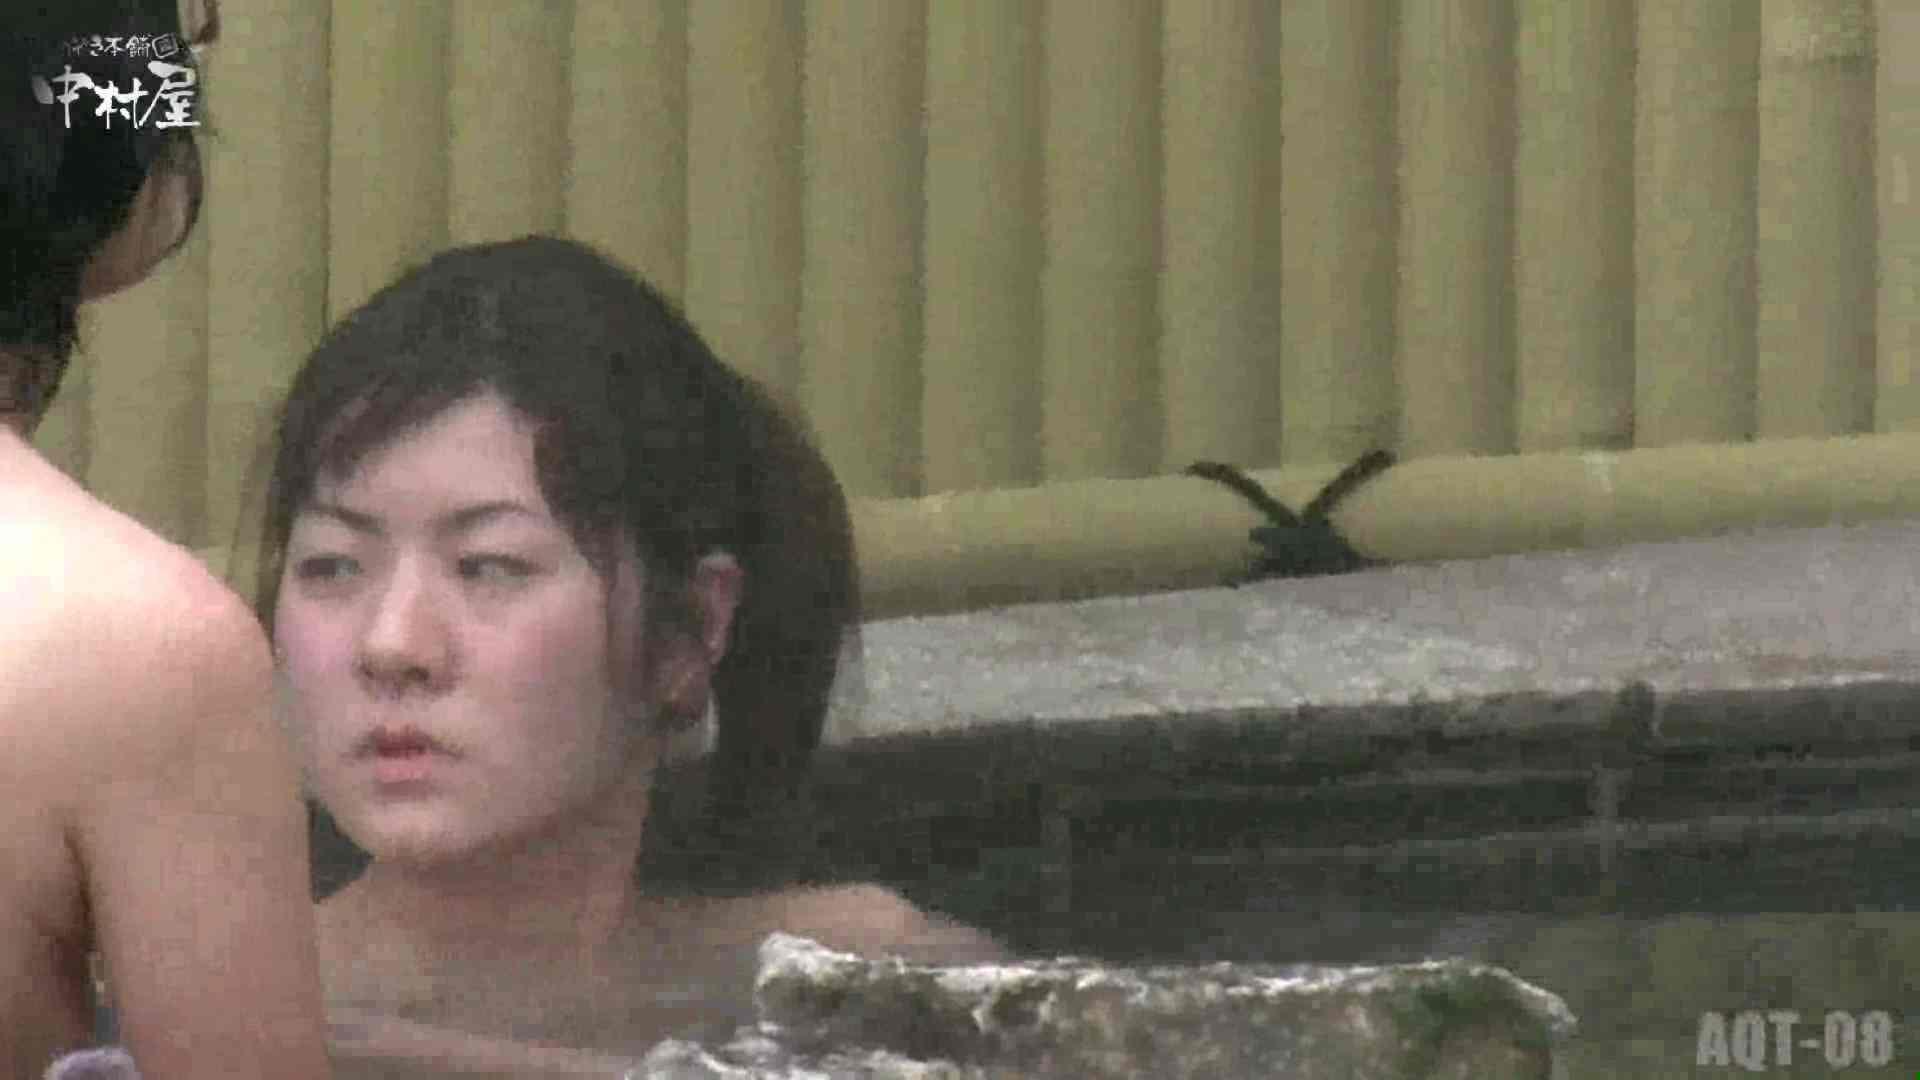 Aquaな露天風呂Vol.872潜入盗撮露天風呂八判湯 其の二 盗撮 盗撮動画紹介 70連発 55